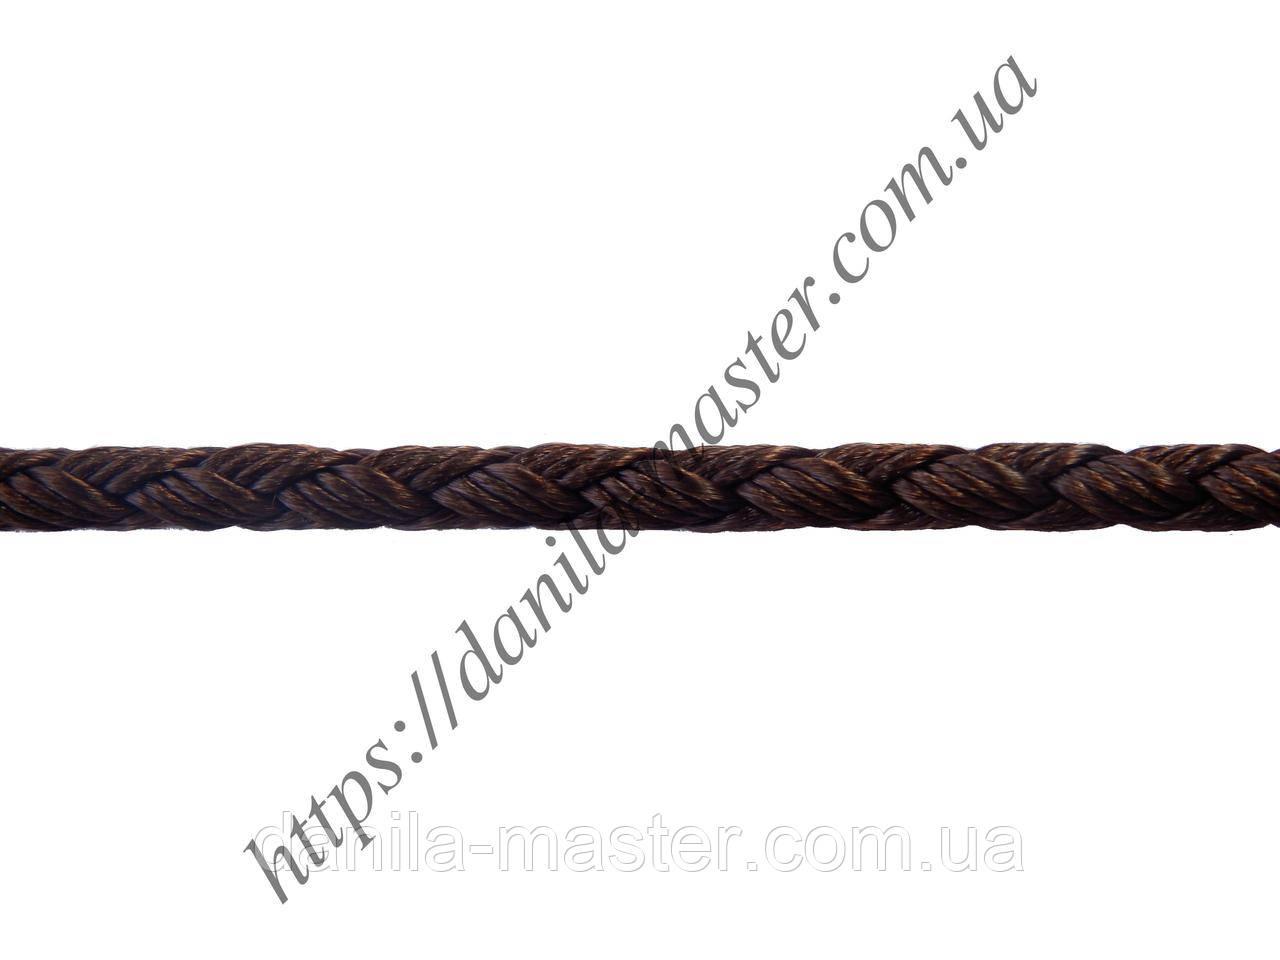 Шнур нейлоново-шовковий коричневий плетений Milan 2016 (d=3,0 мм)